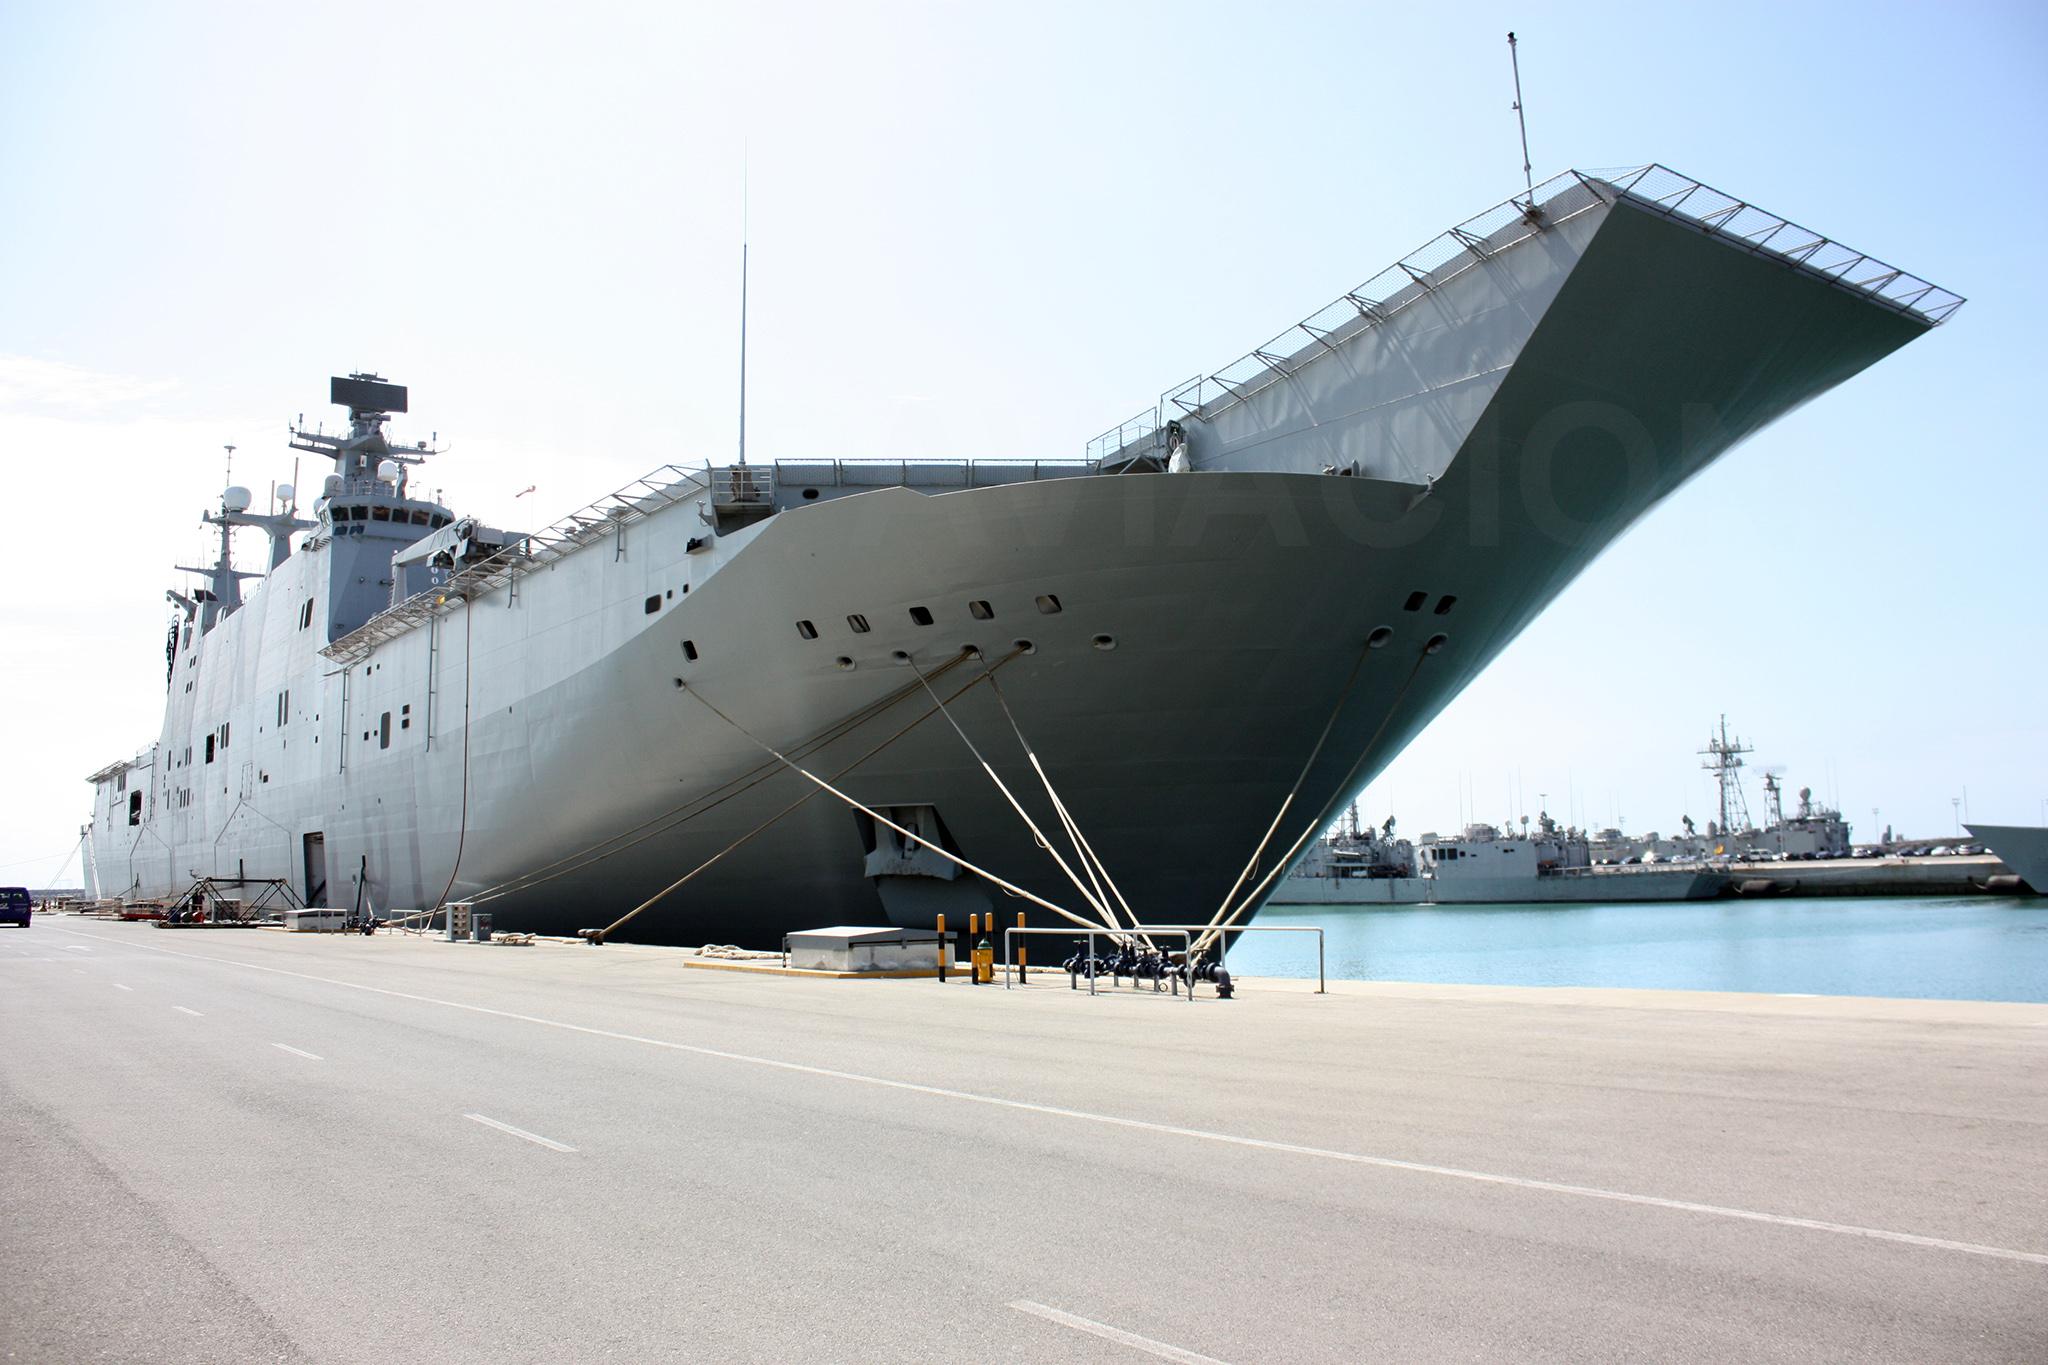 El buque amarrado a puerto. Fuente: Hispaviación